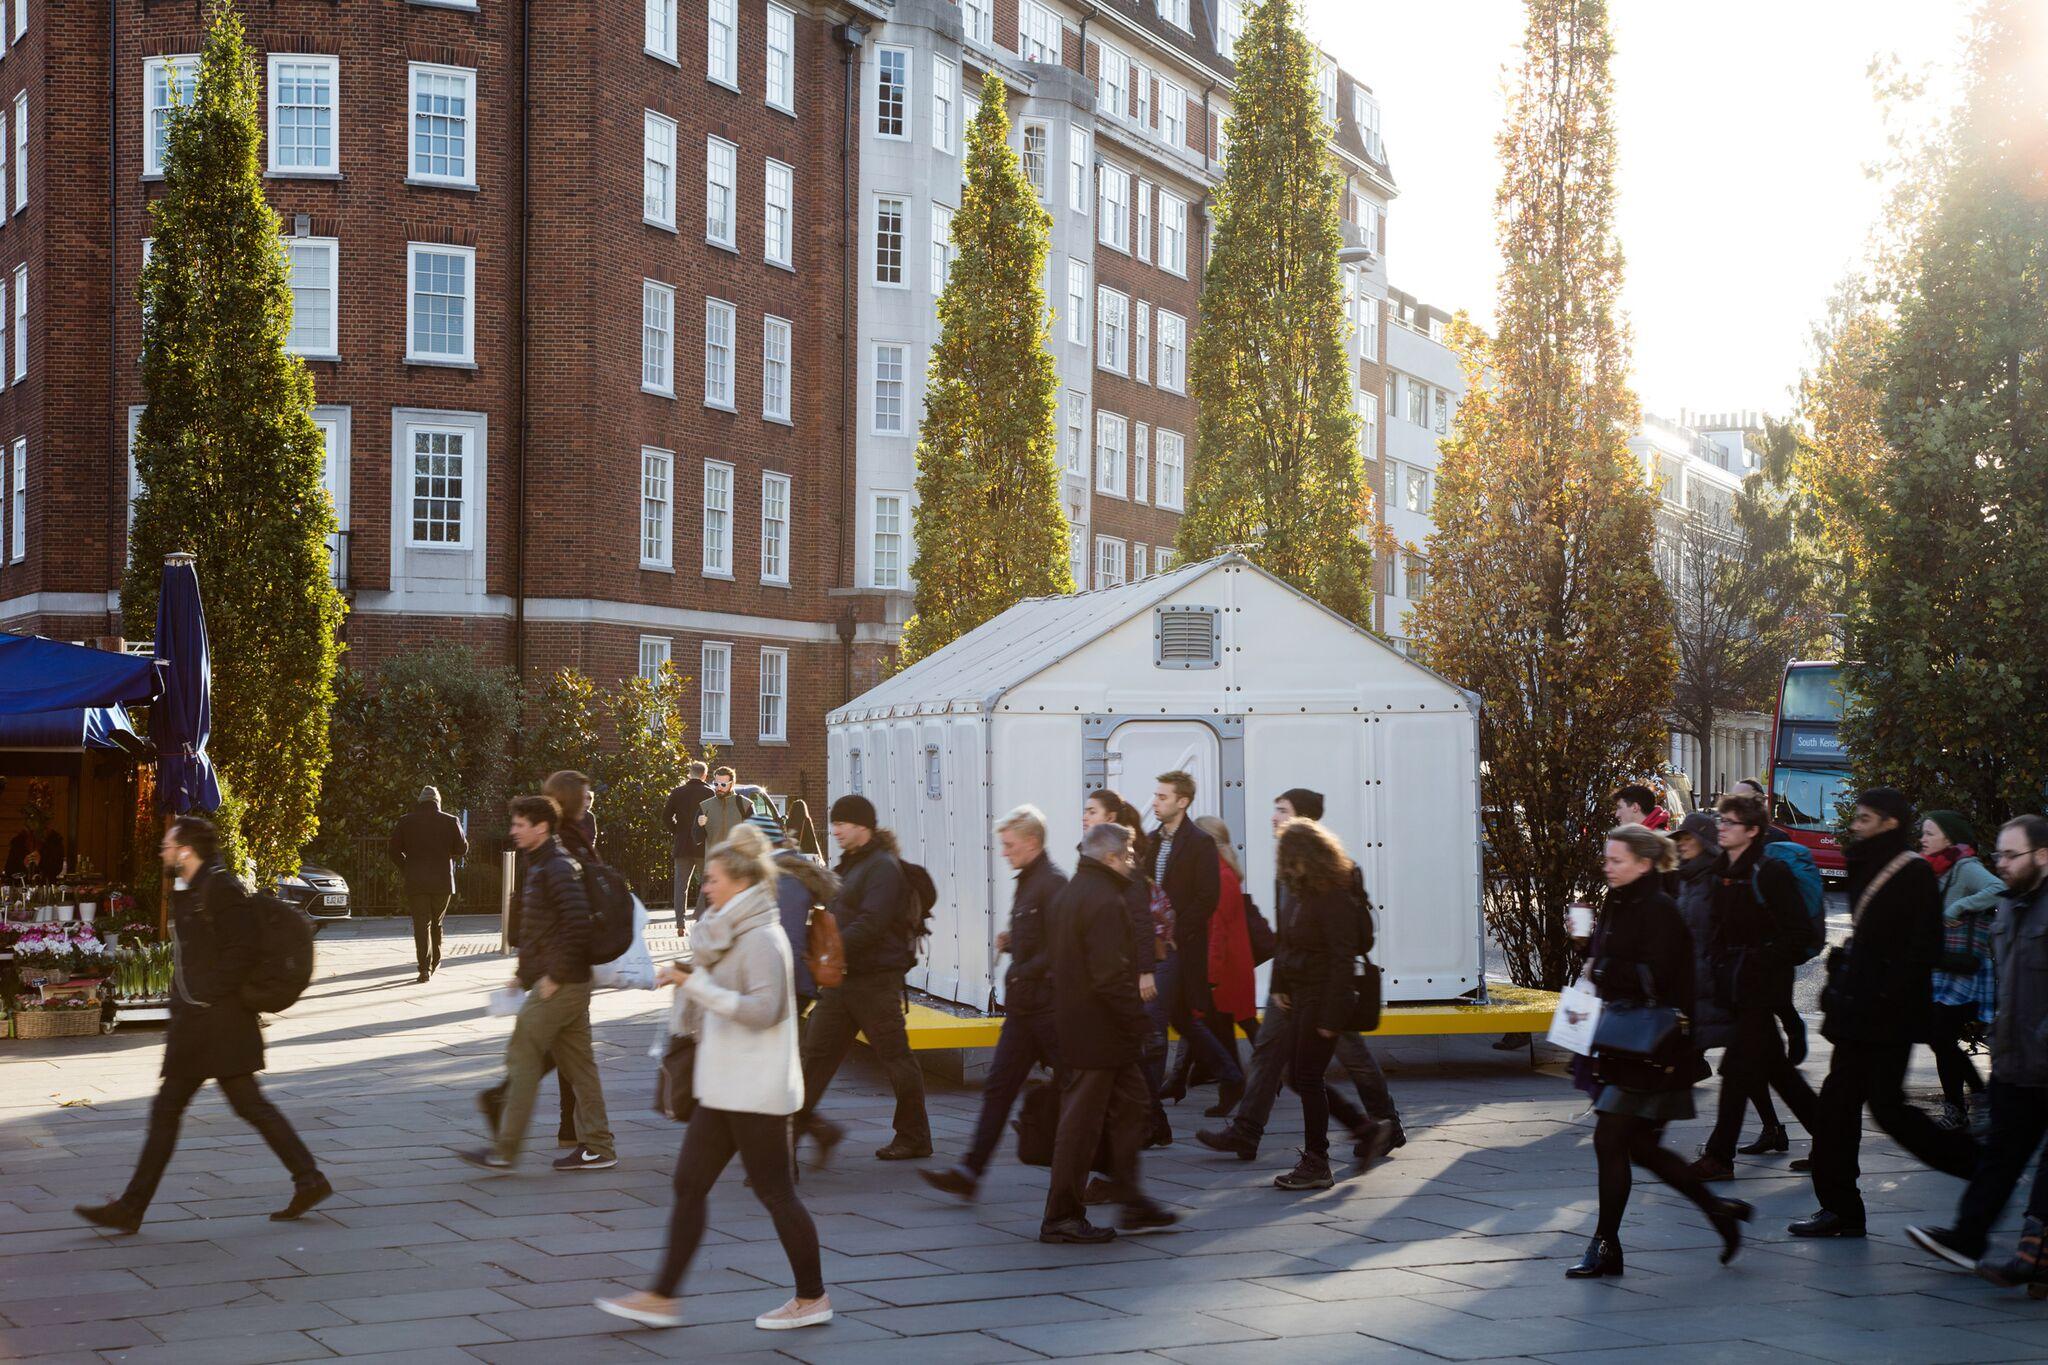 ikea-refugee-shelter-design-museum-installation-news-london-uk_dezeen_2364_col_12_preview.jpg